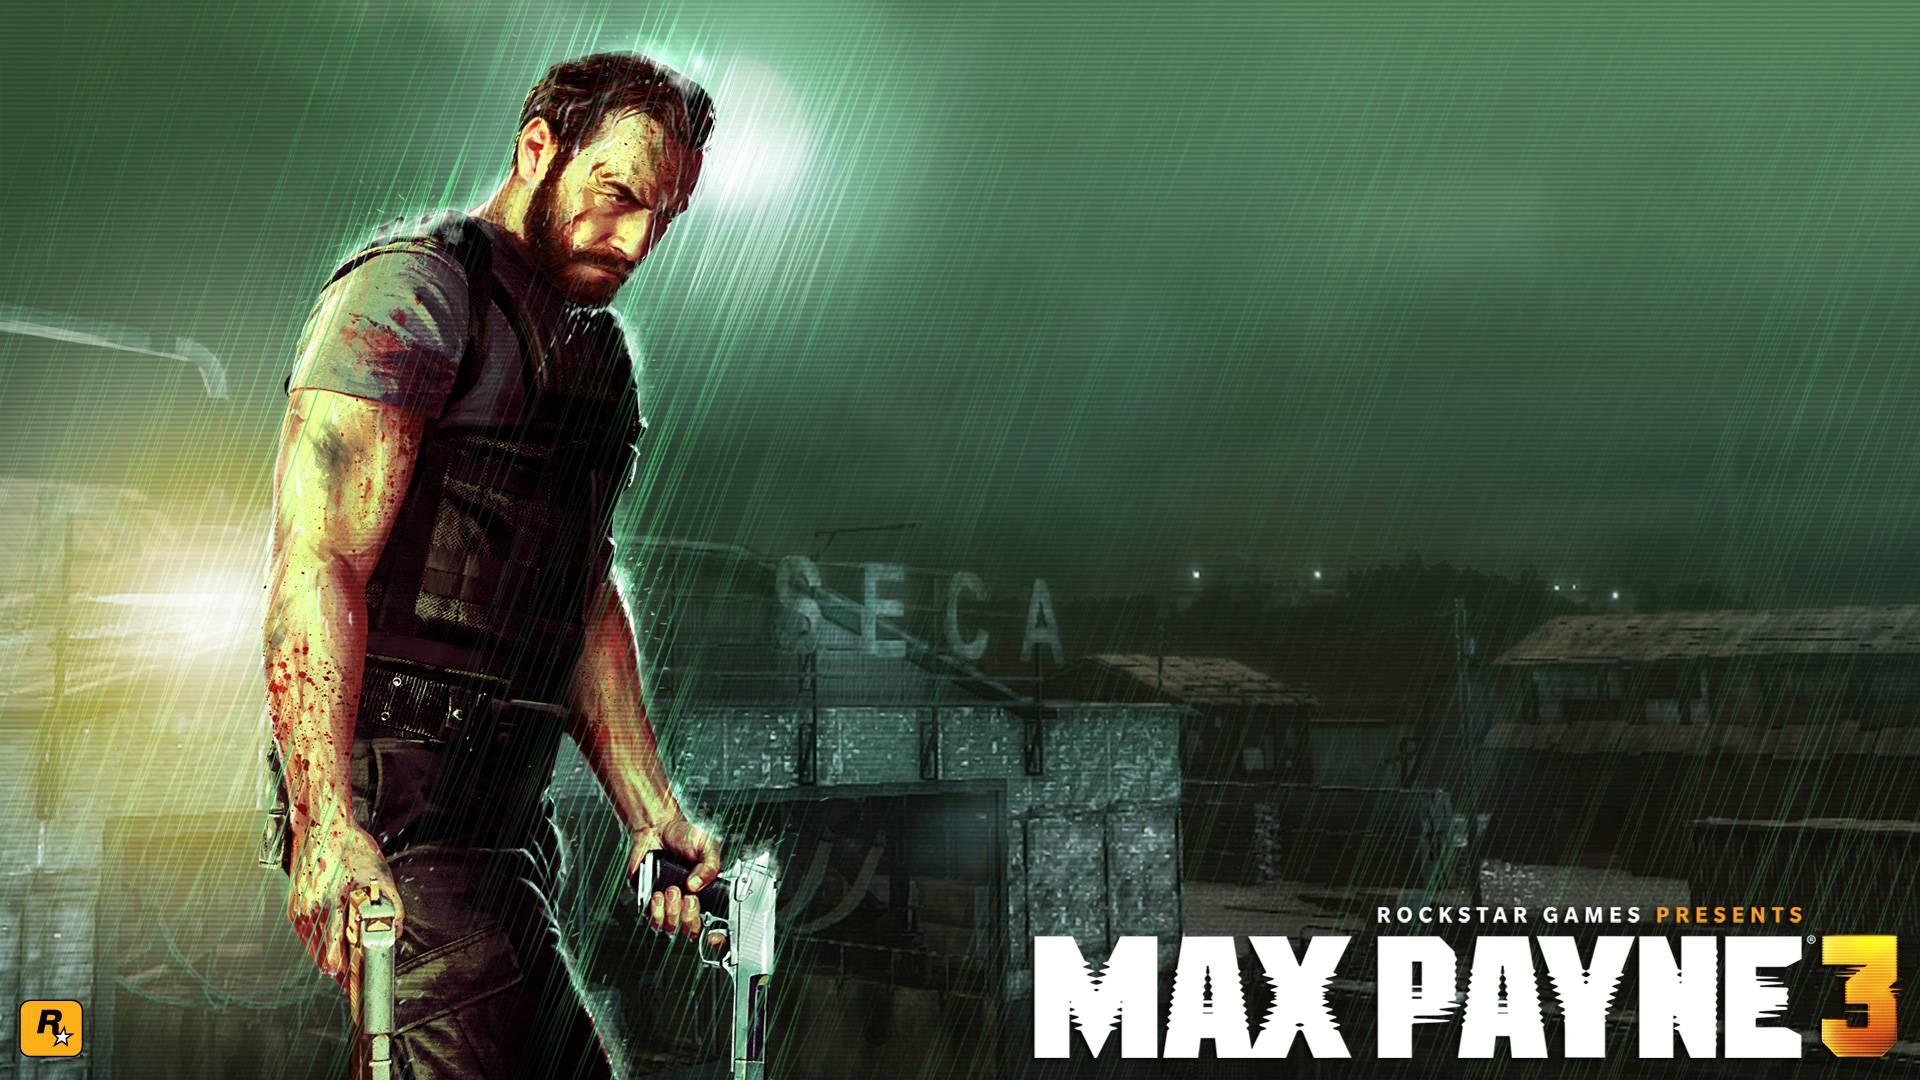 اموزش انلاین بازی کردن Max payne3 {نسخه هک شده}